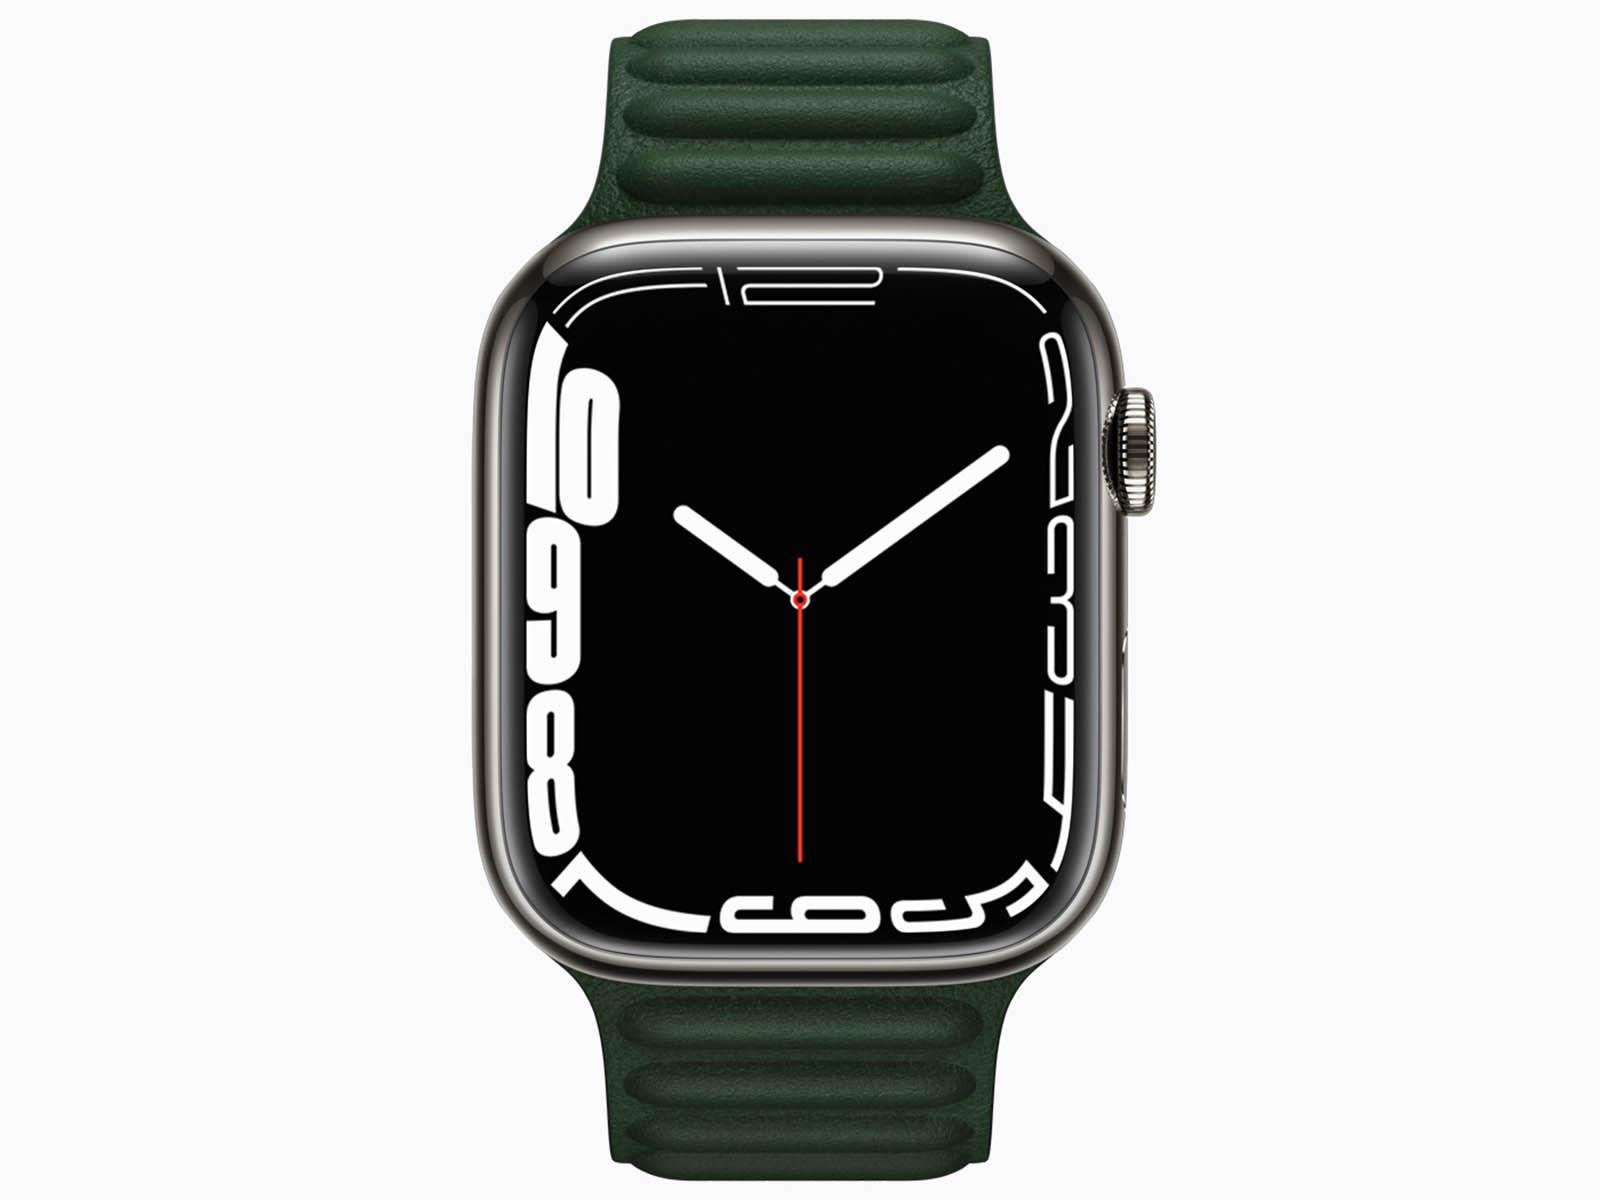 apple-watch-series-7-7.jpg